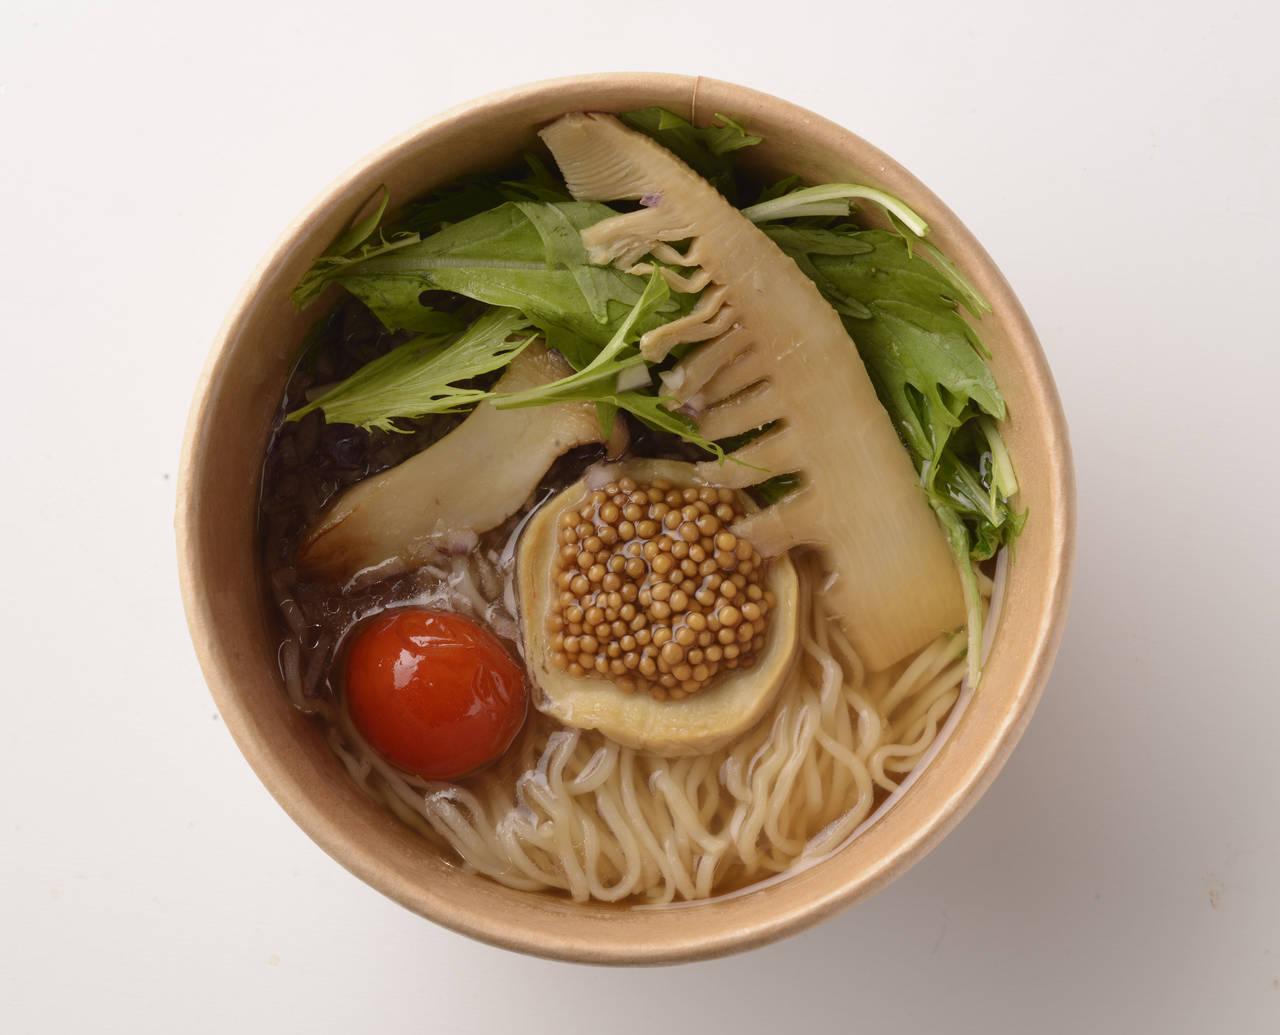 「素食麵(ヴィーガンヌードル)」 648日圓(含稅)